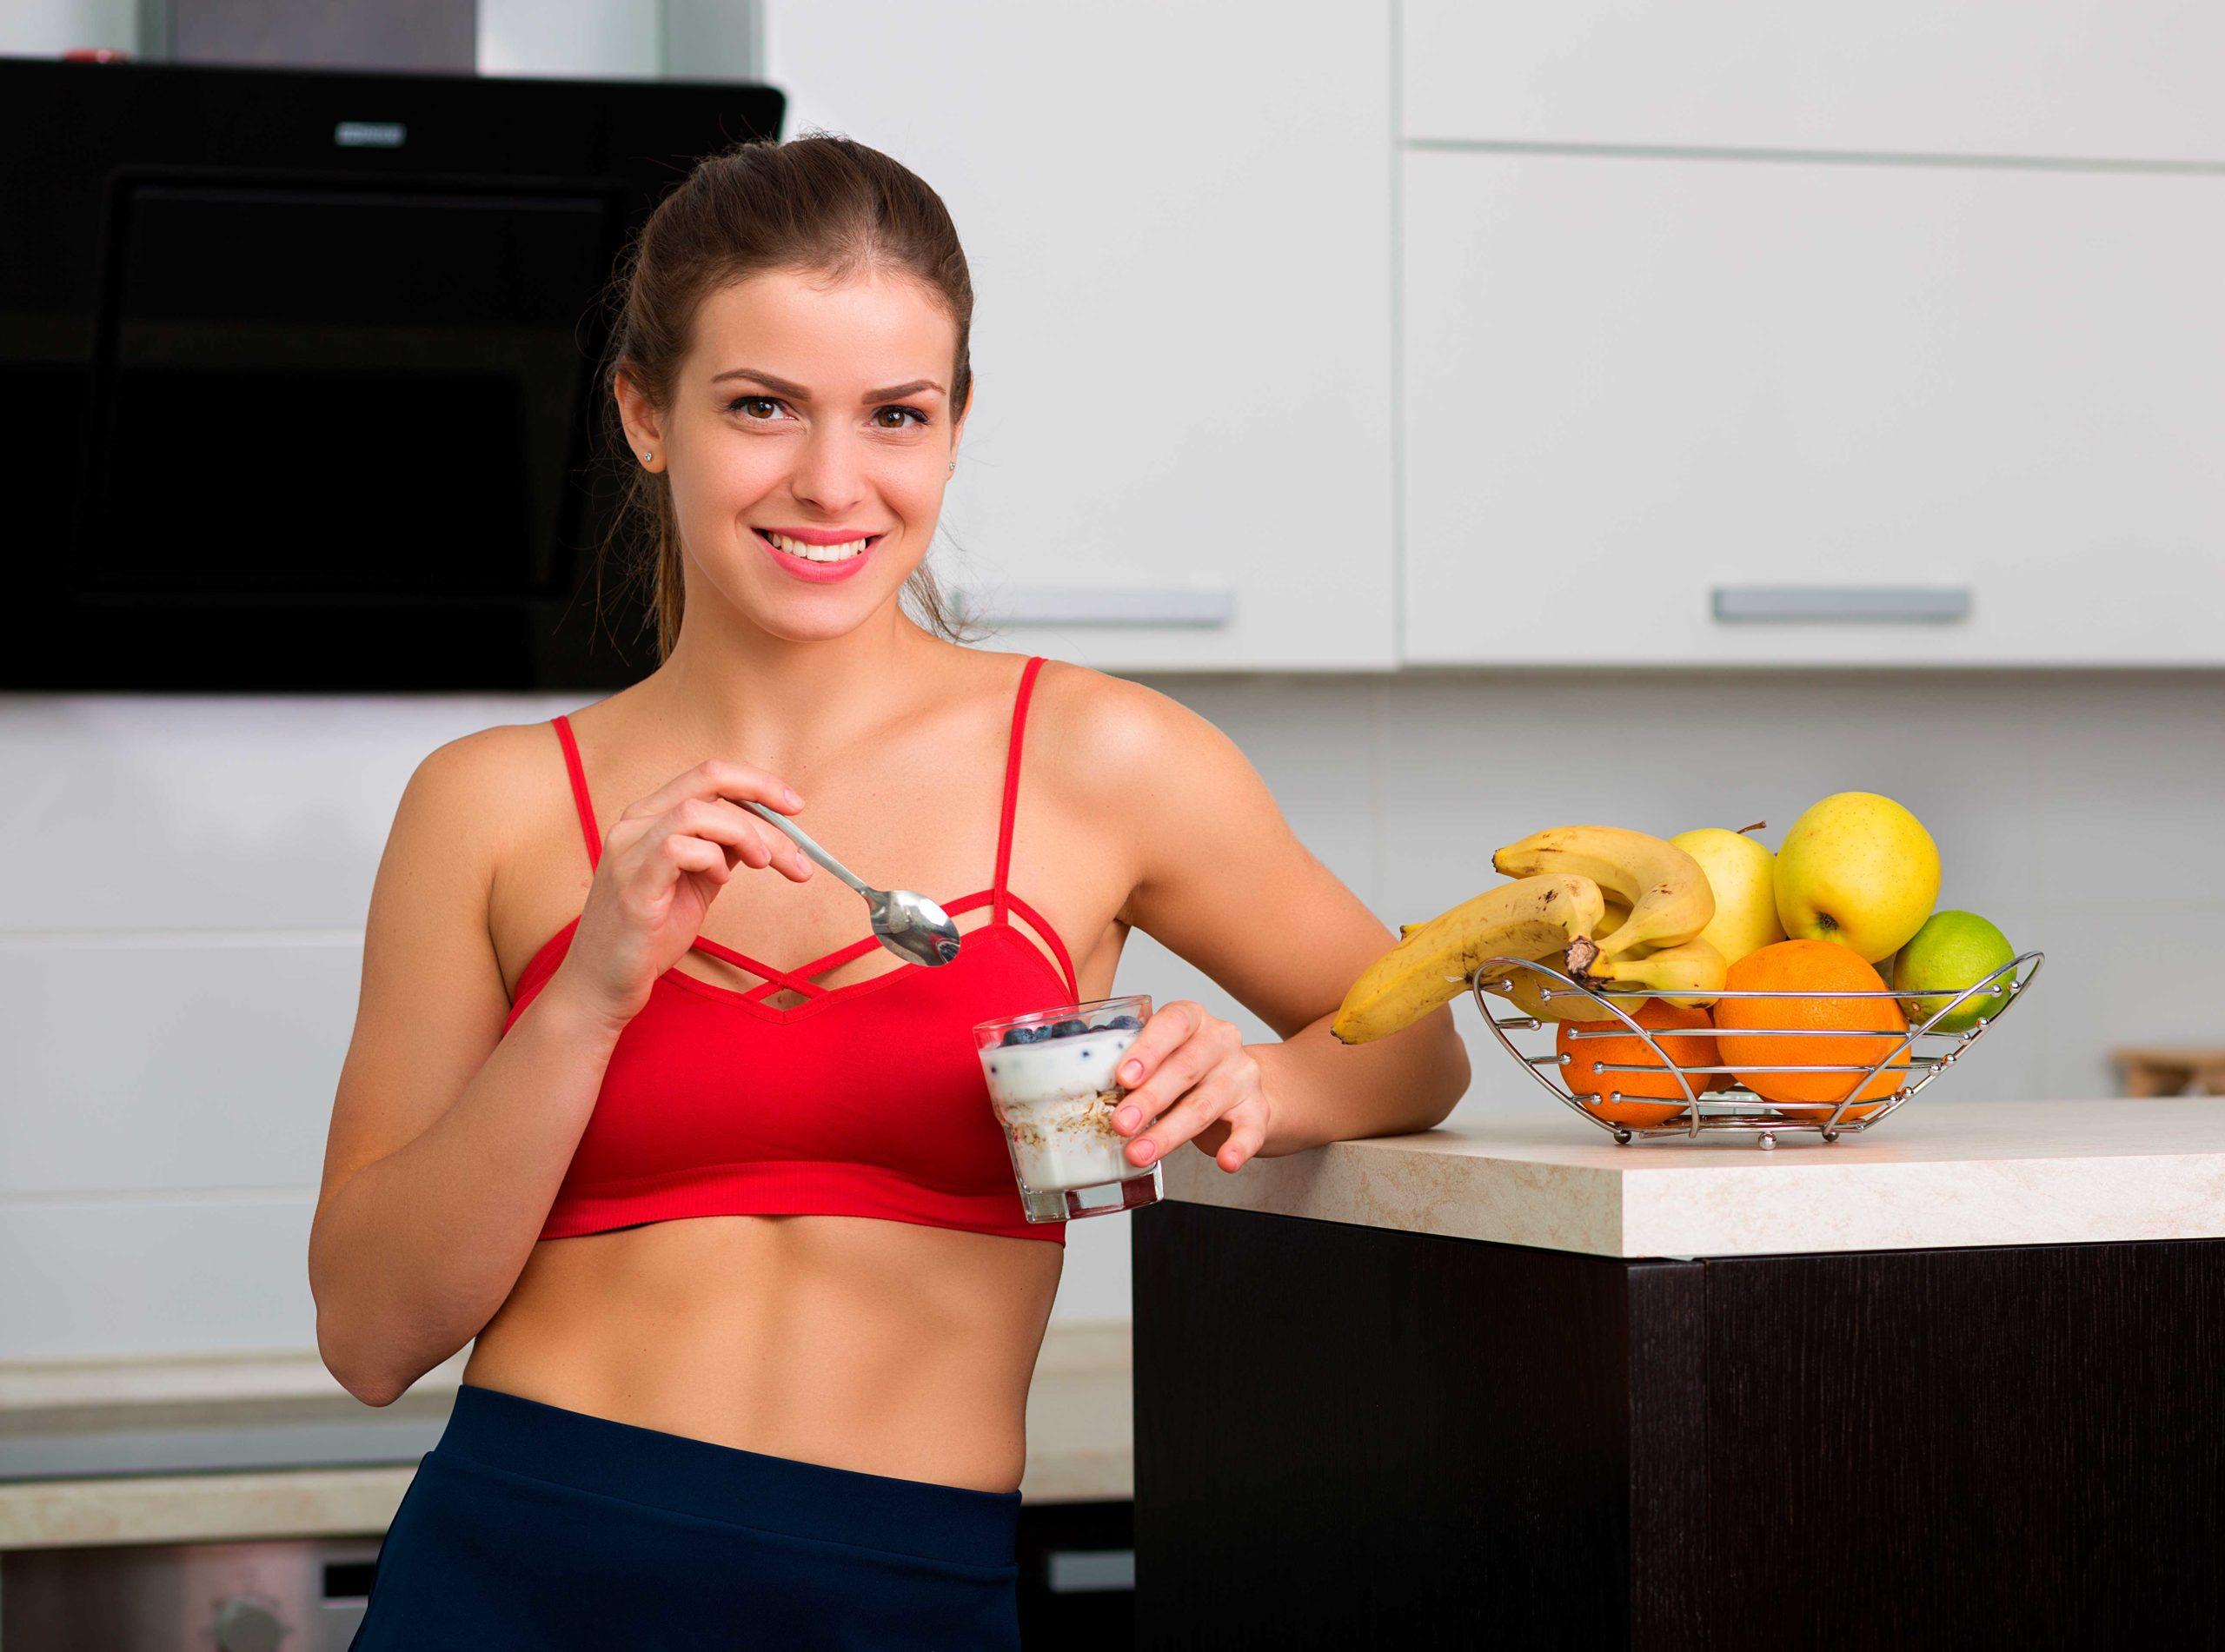 Похудение с помощью дефицита калорий всегда лучше